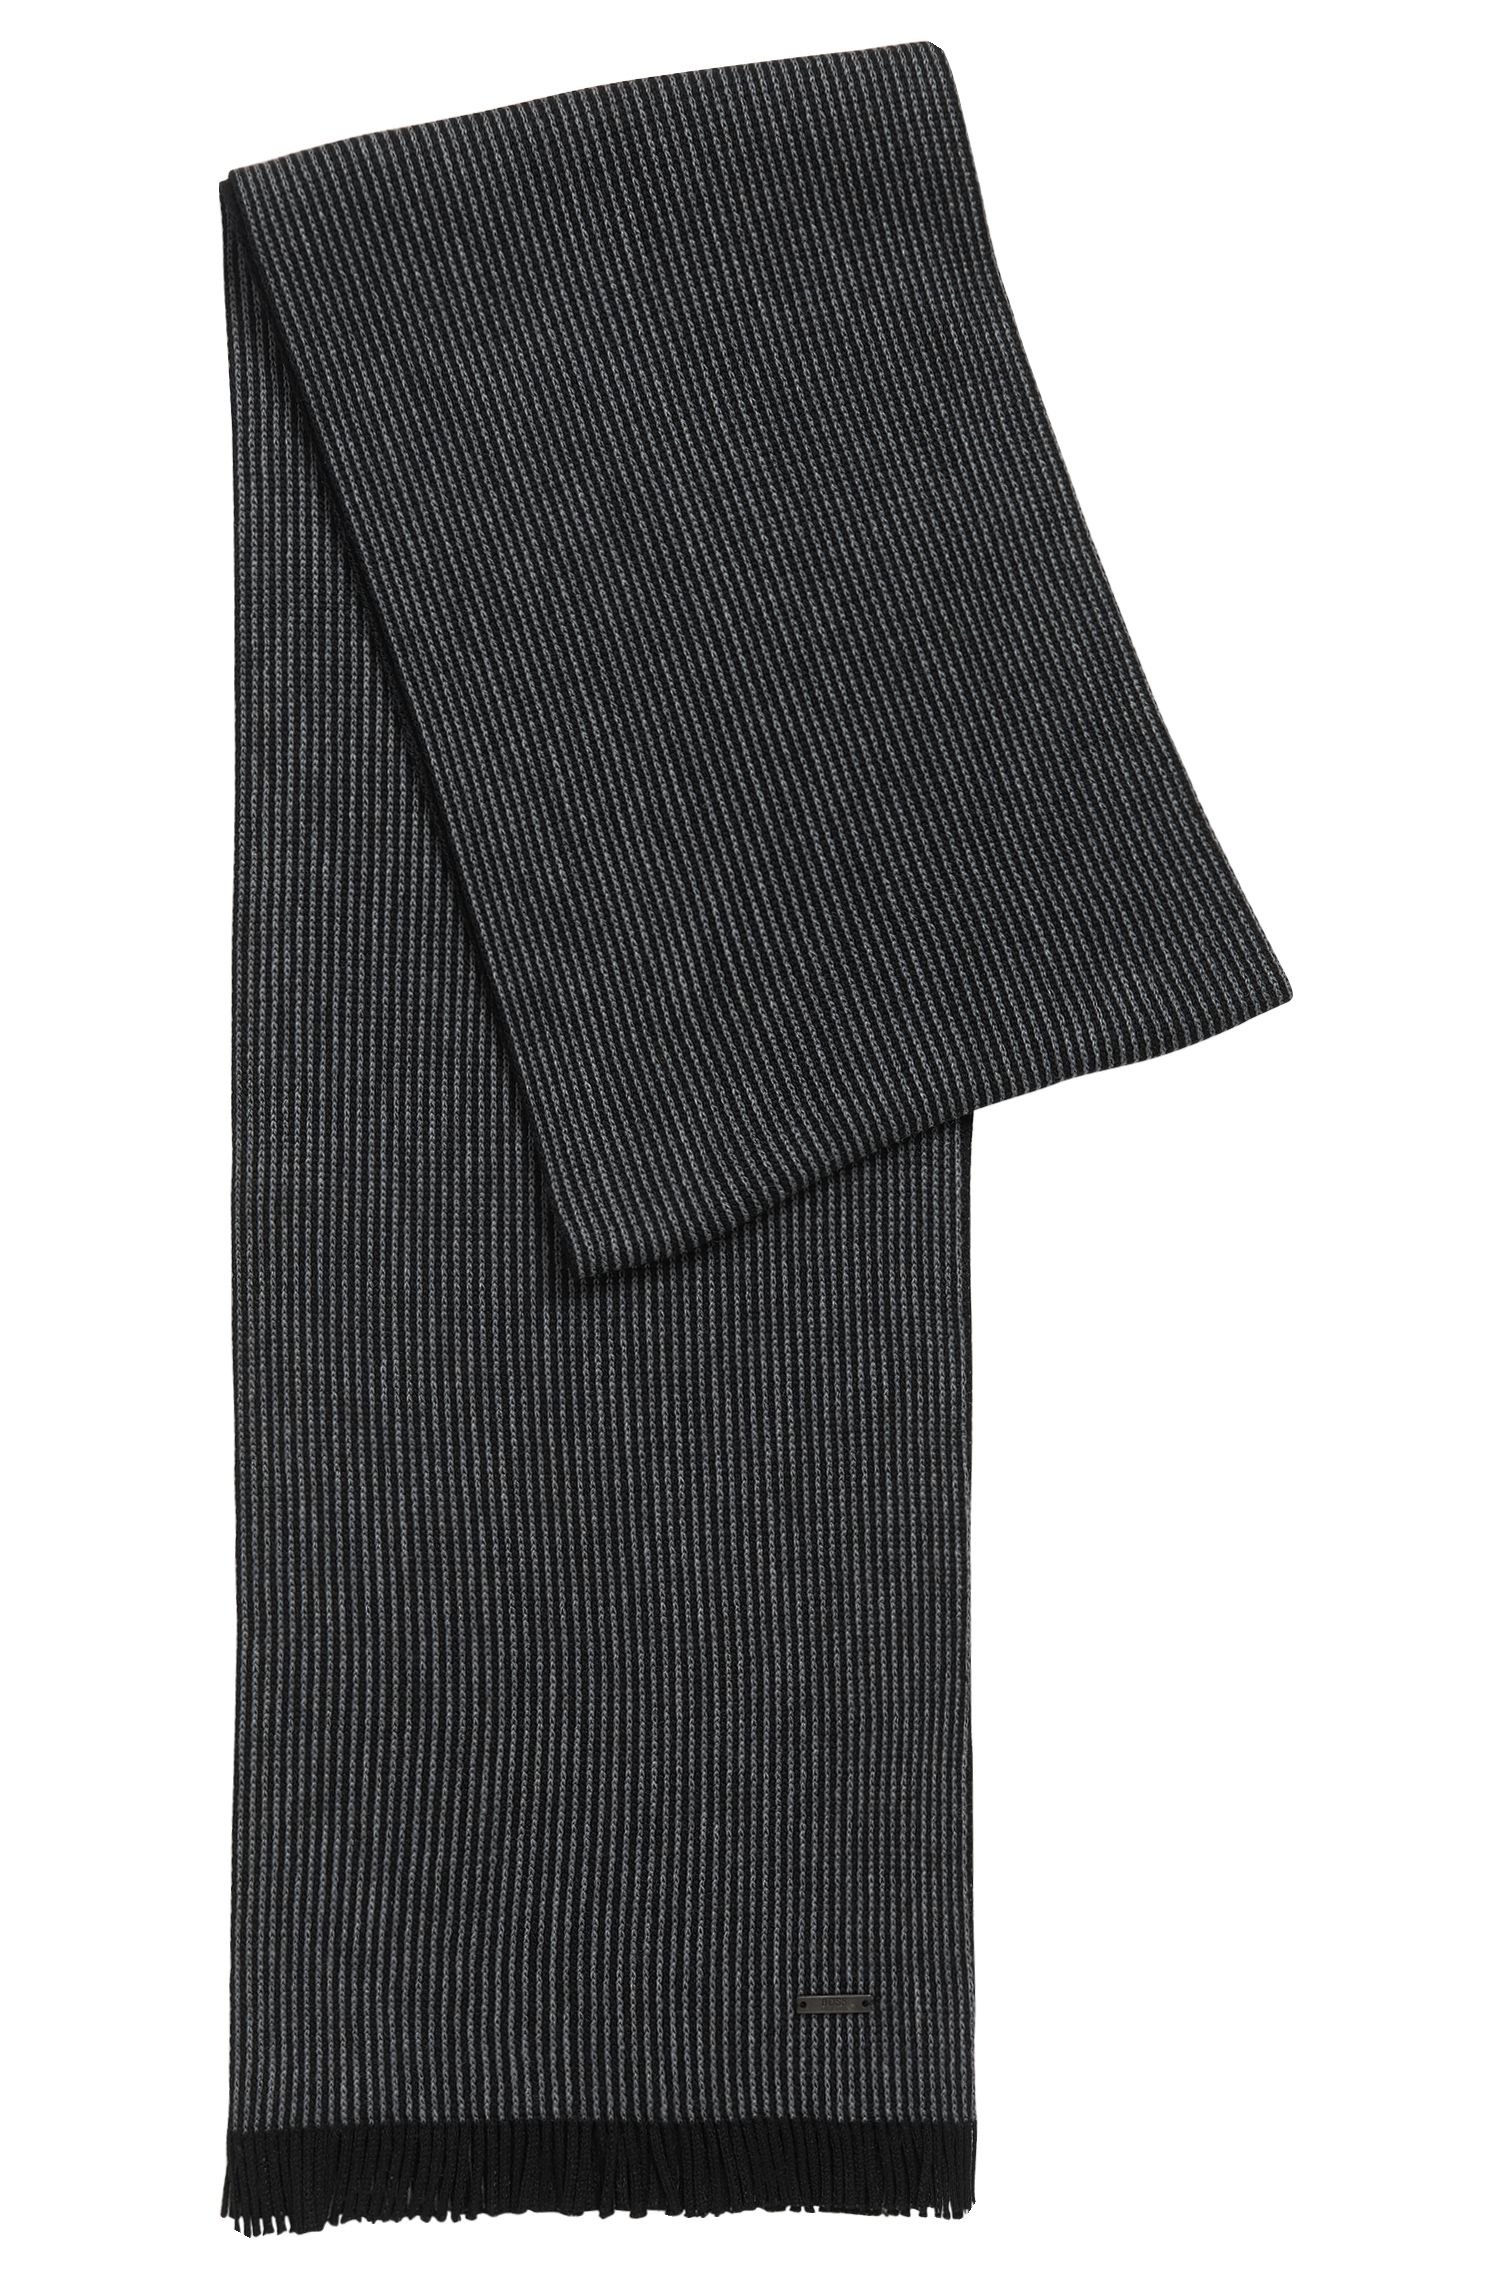 Schal aus Schurwolle mit Nadelstreifen